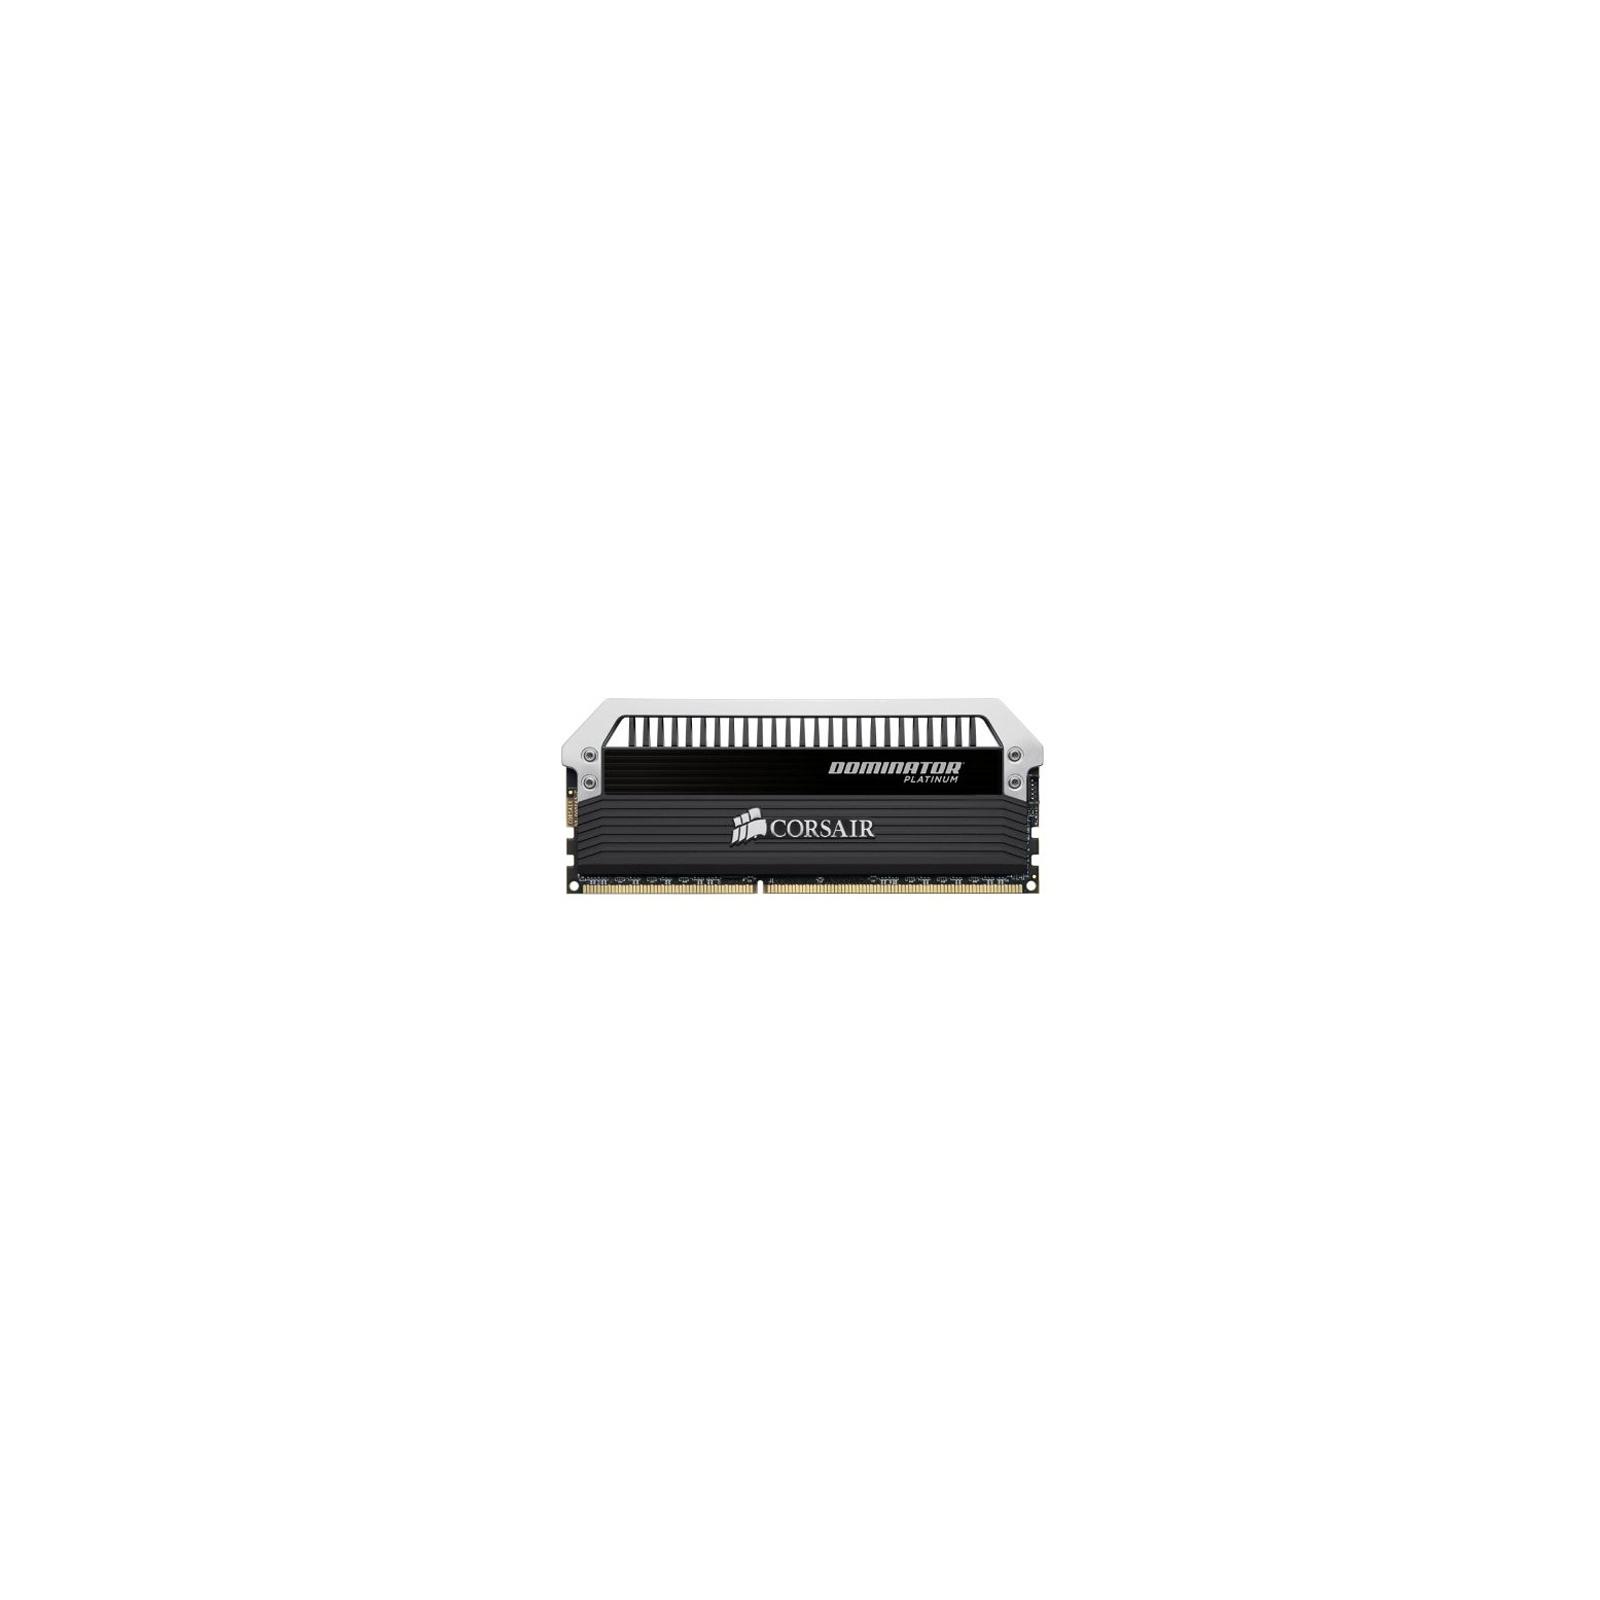 Модуль памяти для компьютера DDR3 16GB (2x8GB) 2400 MHz CORSAIR (CMD16GX3M2A2400C10) изображение 2